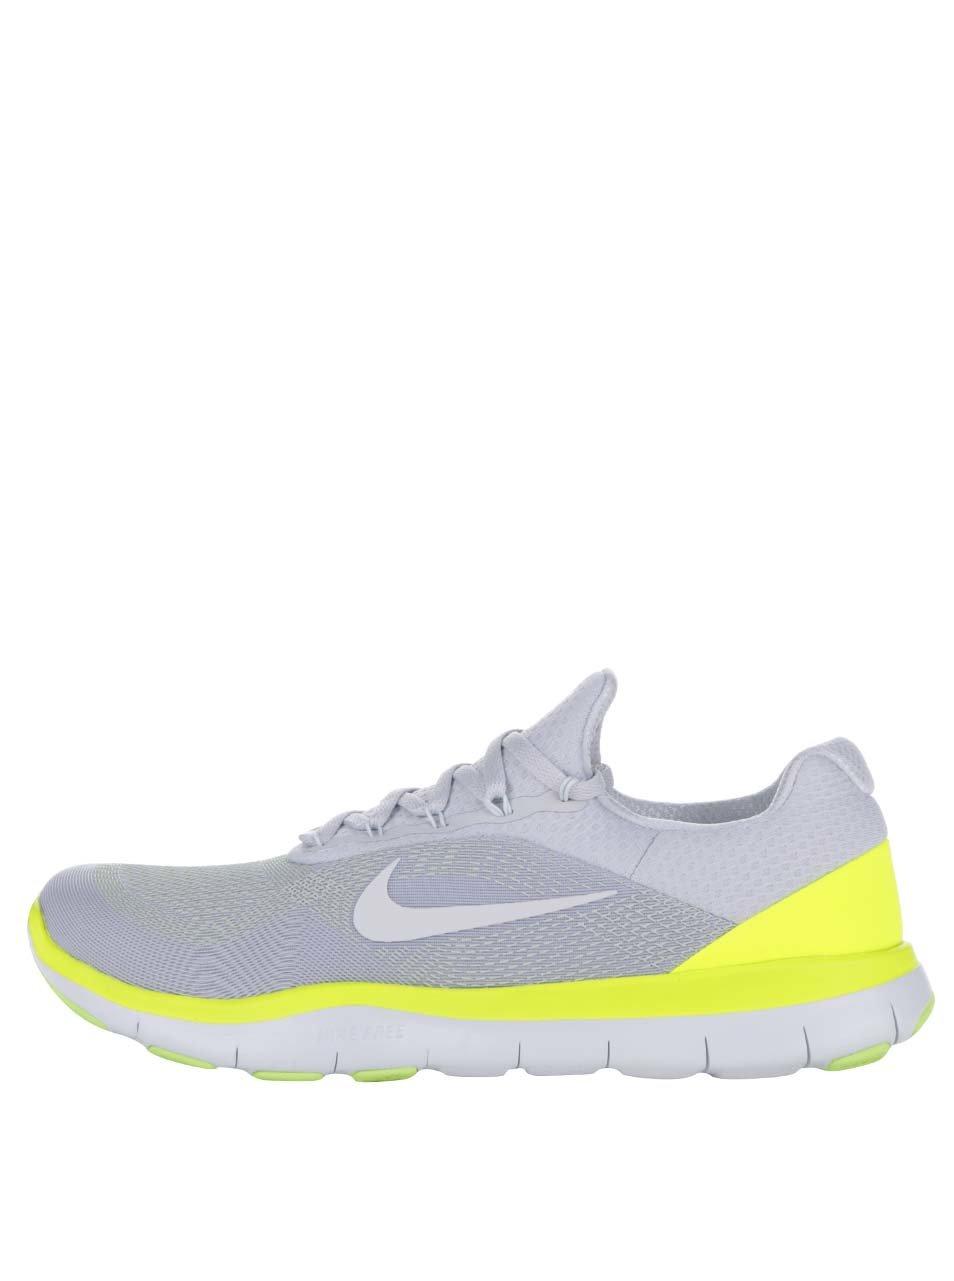 Žluto-šedé pánské tenisky Nike Free Trainer